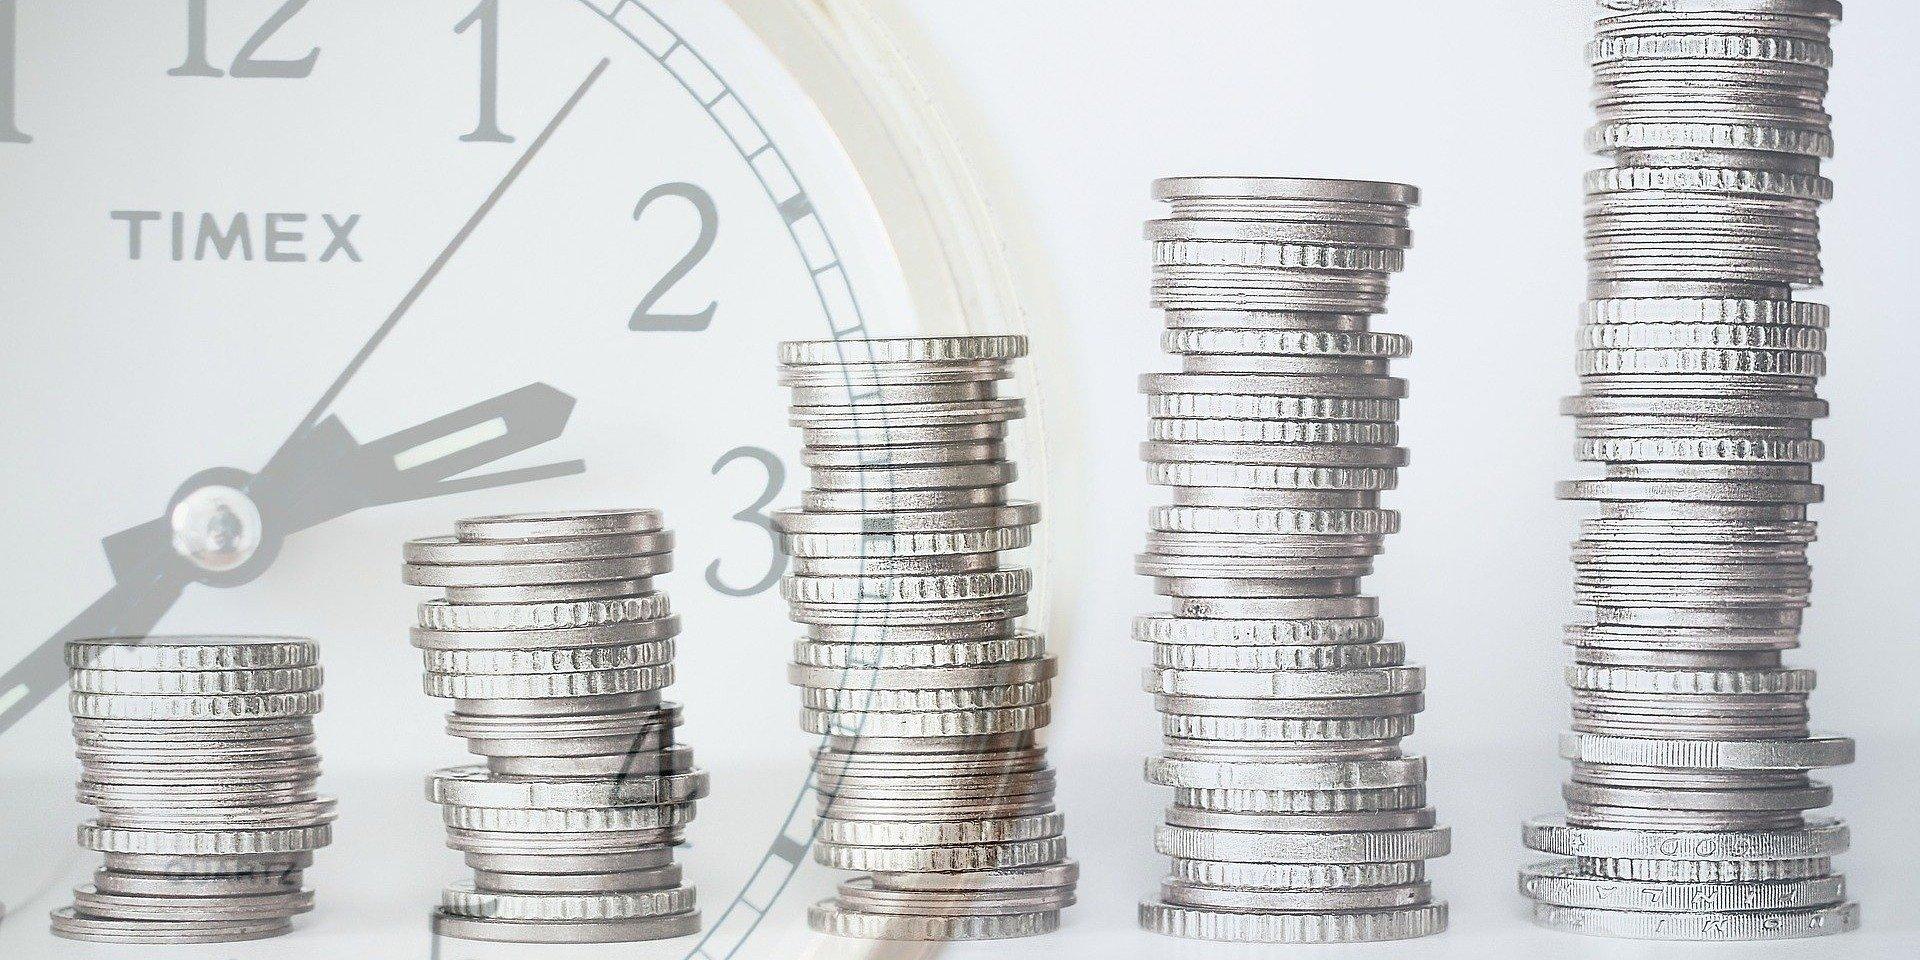 [Tarcza 2.0] Każdy mikroprzedsiębiorca otrzyma 5000 zł bezzwrotnej pożyczki